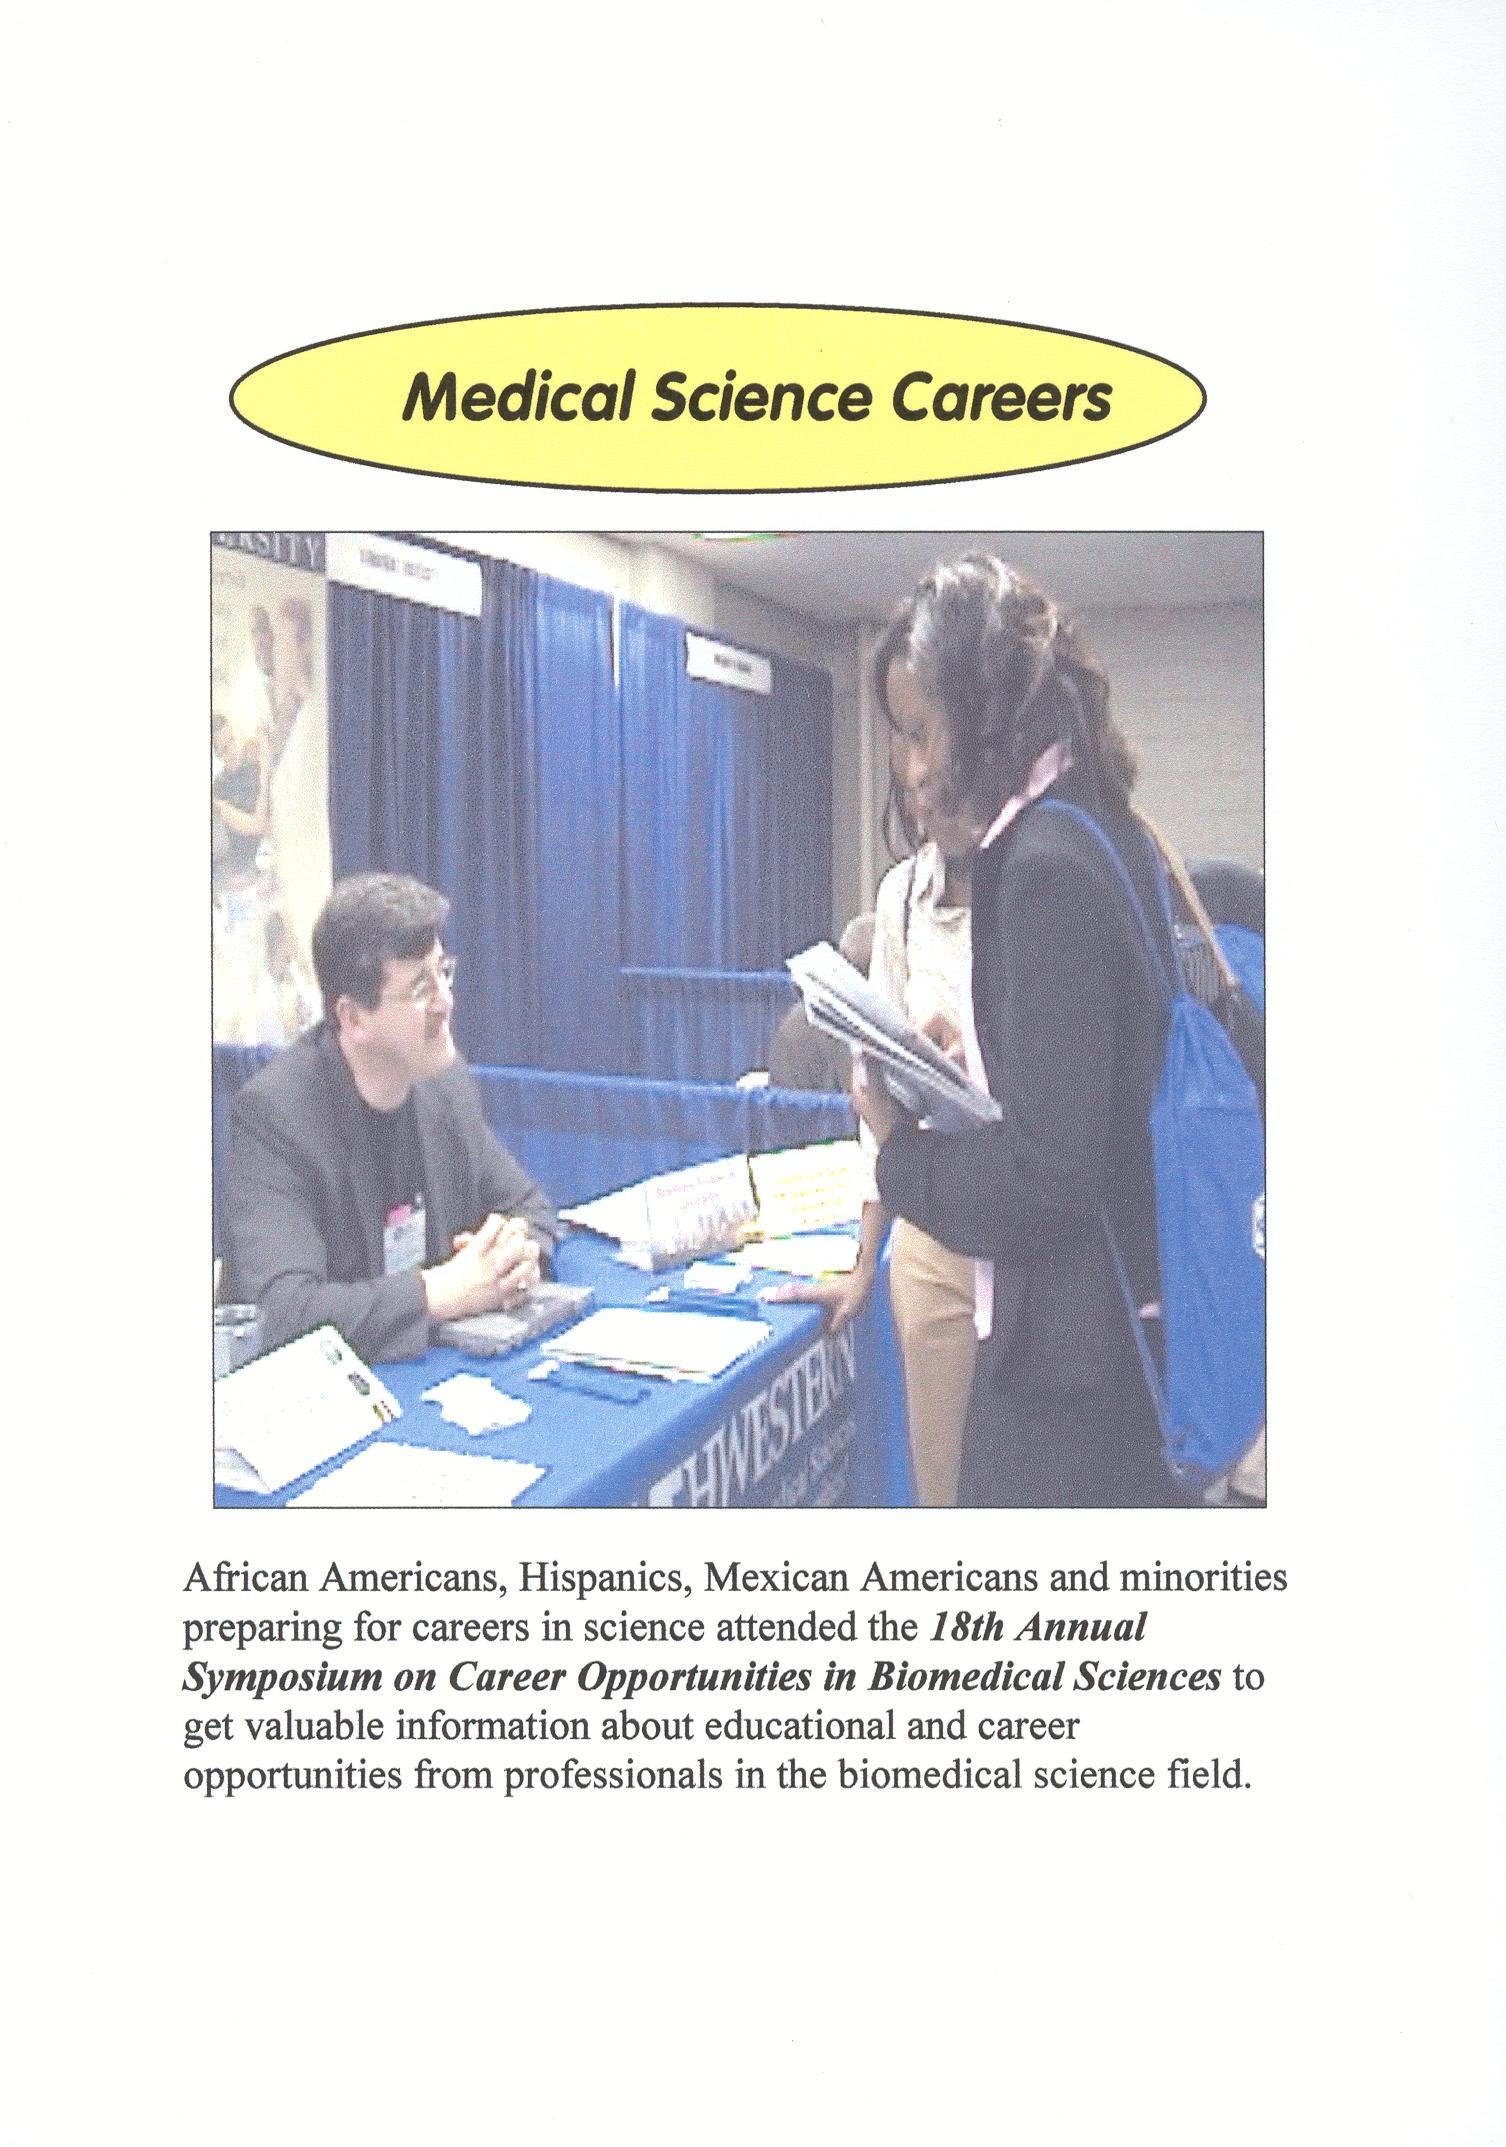 Medical Science Careers